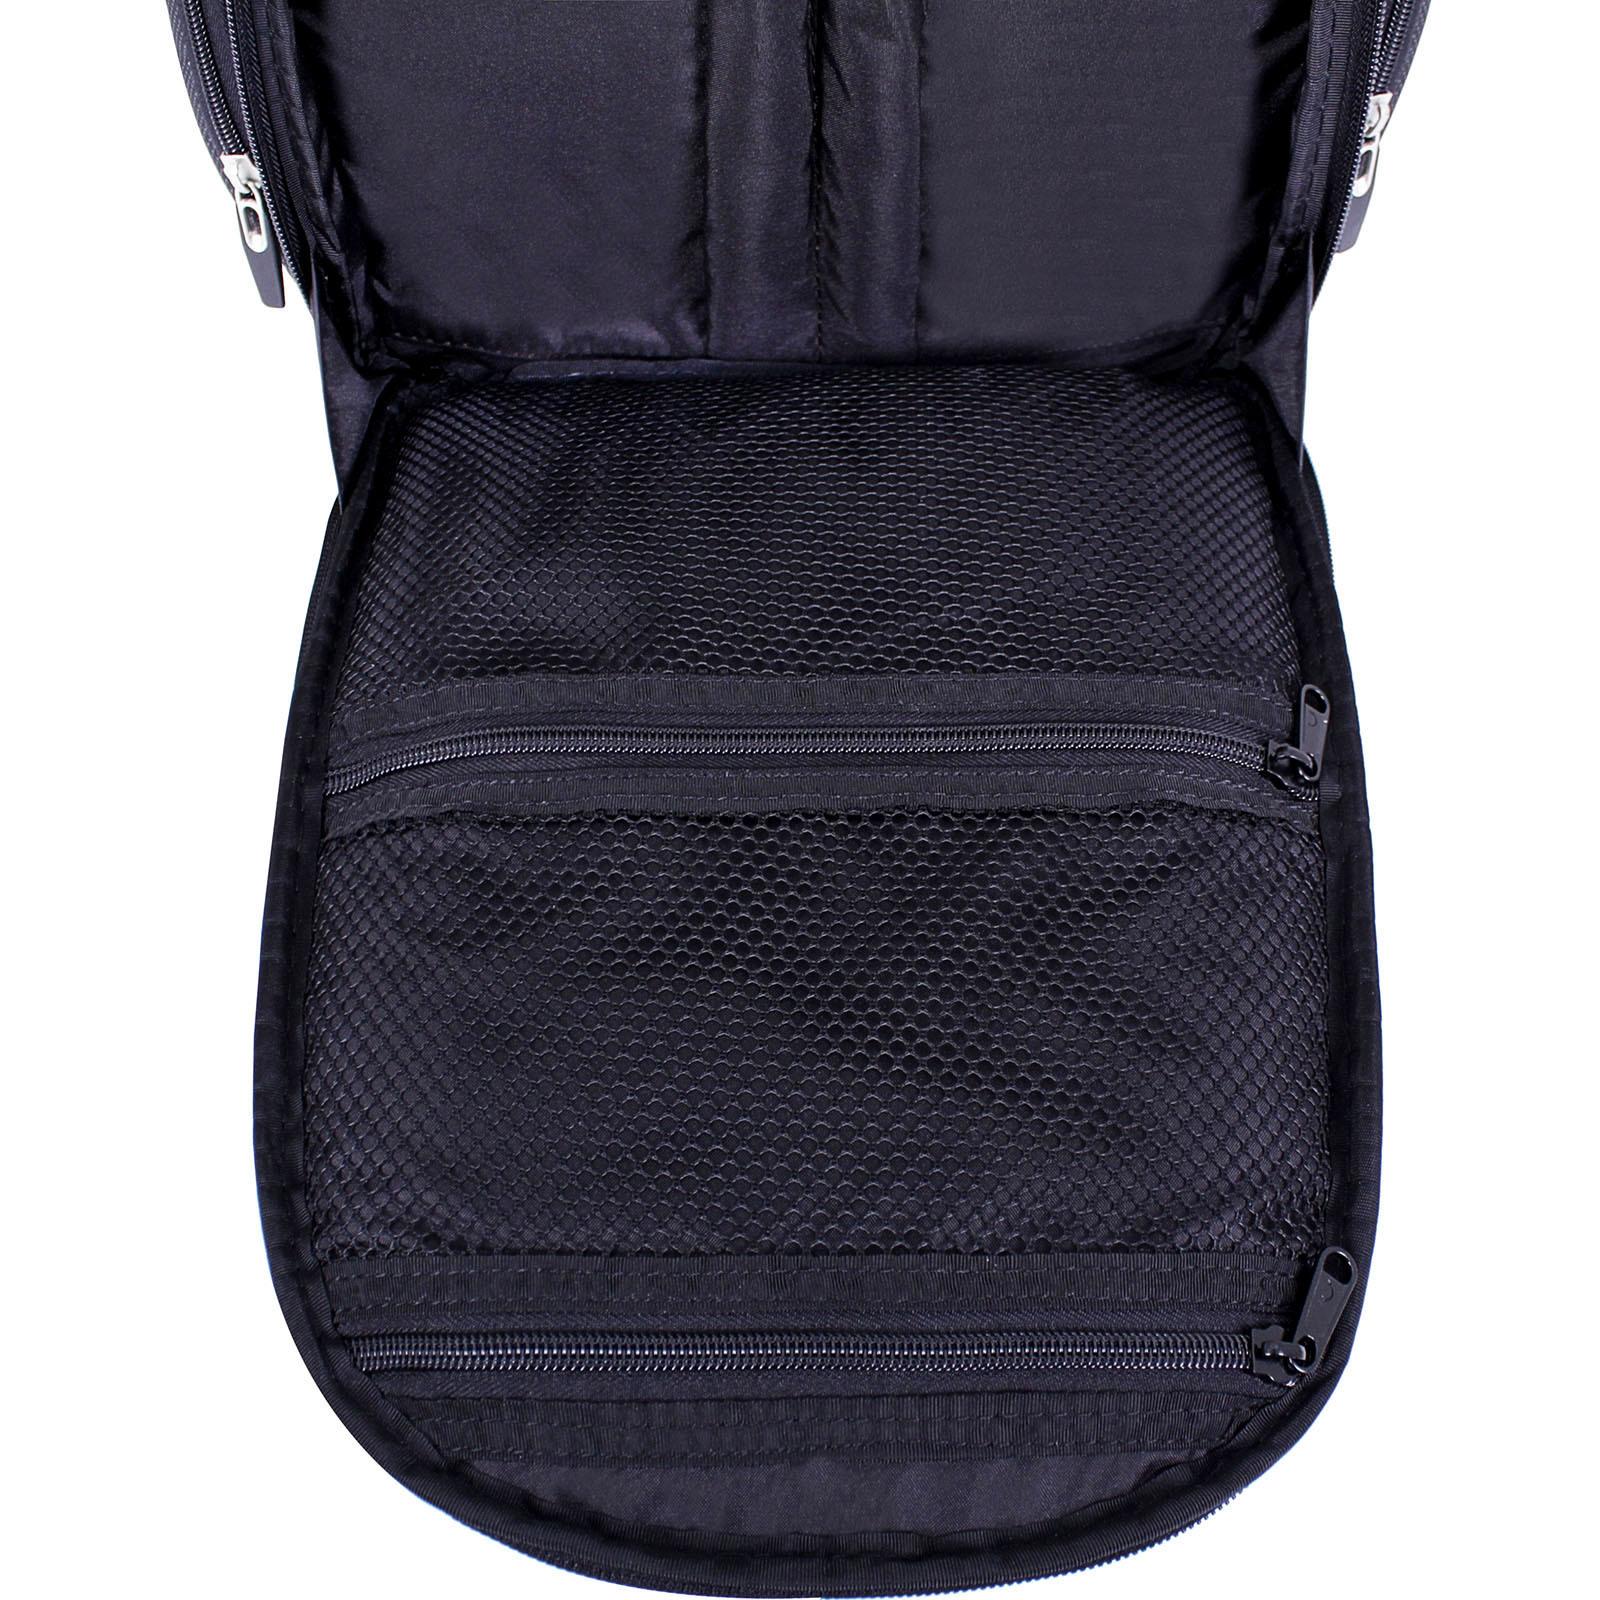 Рюкзак для ноутбука Bagland Tibo 23 л. Чёрный (0019066) фото 10